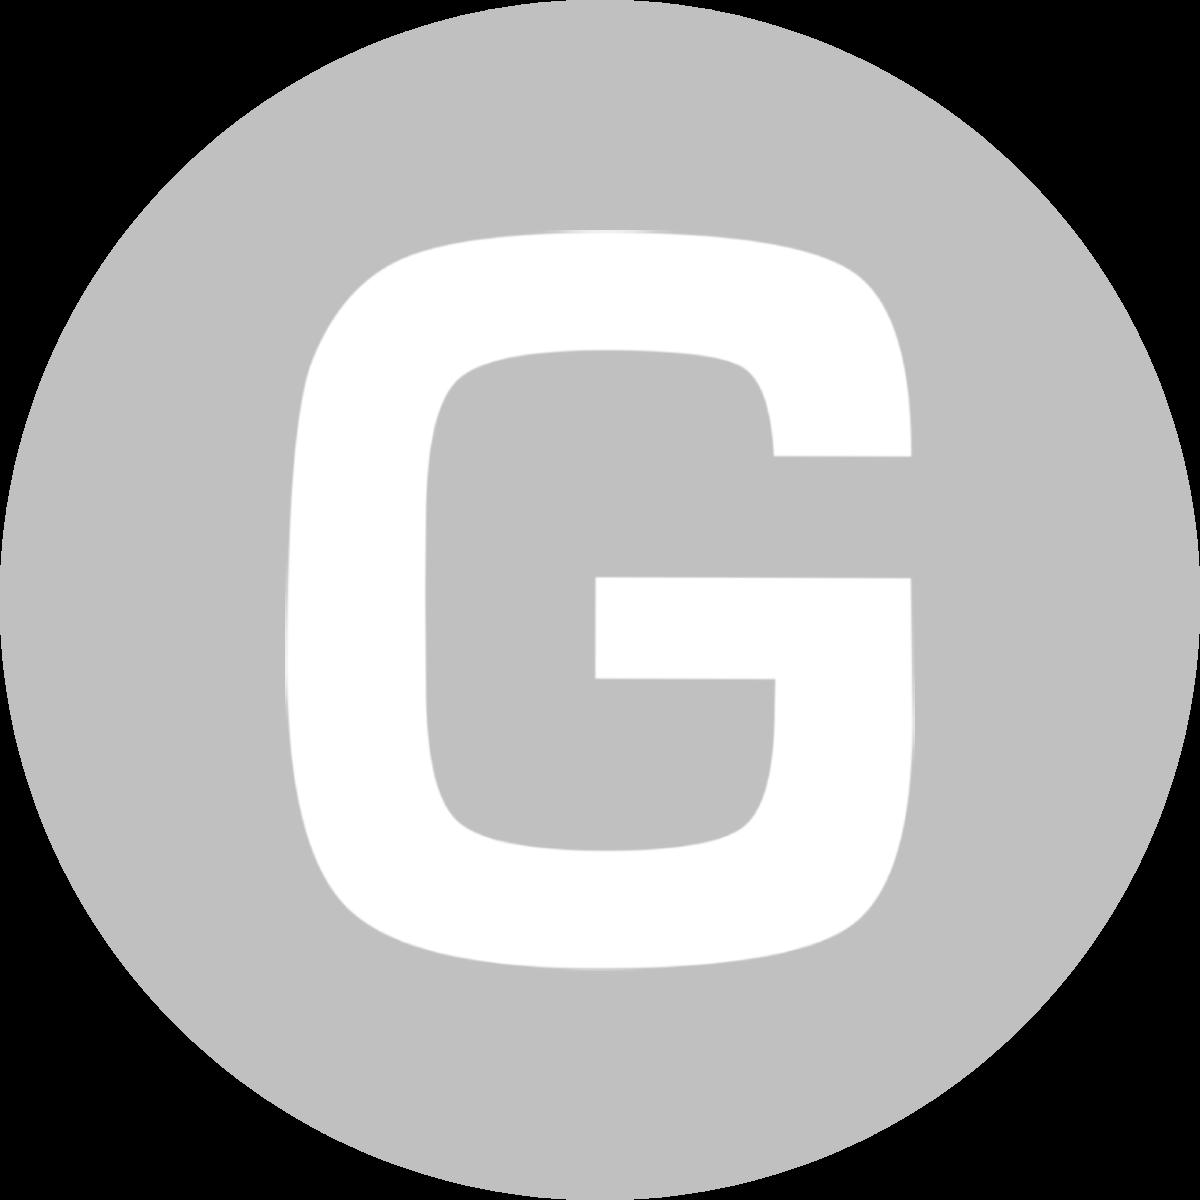 Nike Caps Aerobill Classic 99 Hvit/Gul